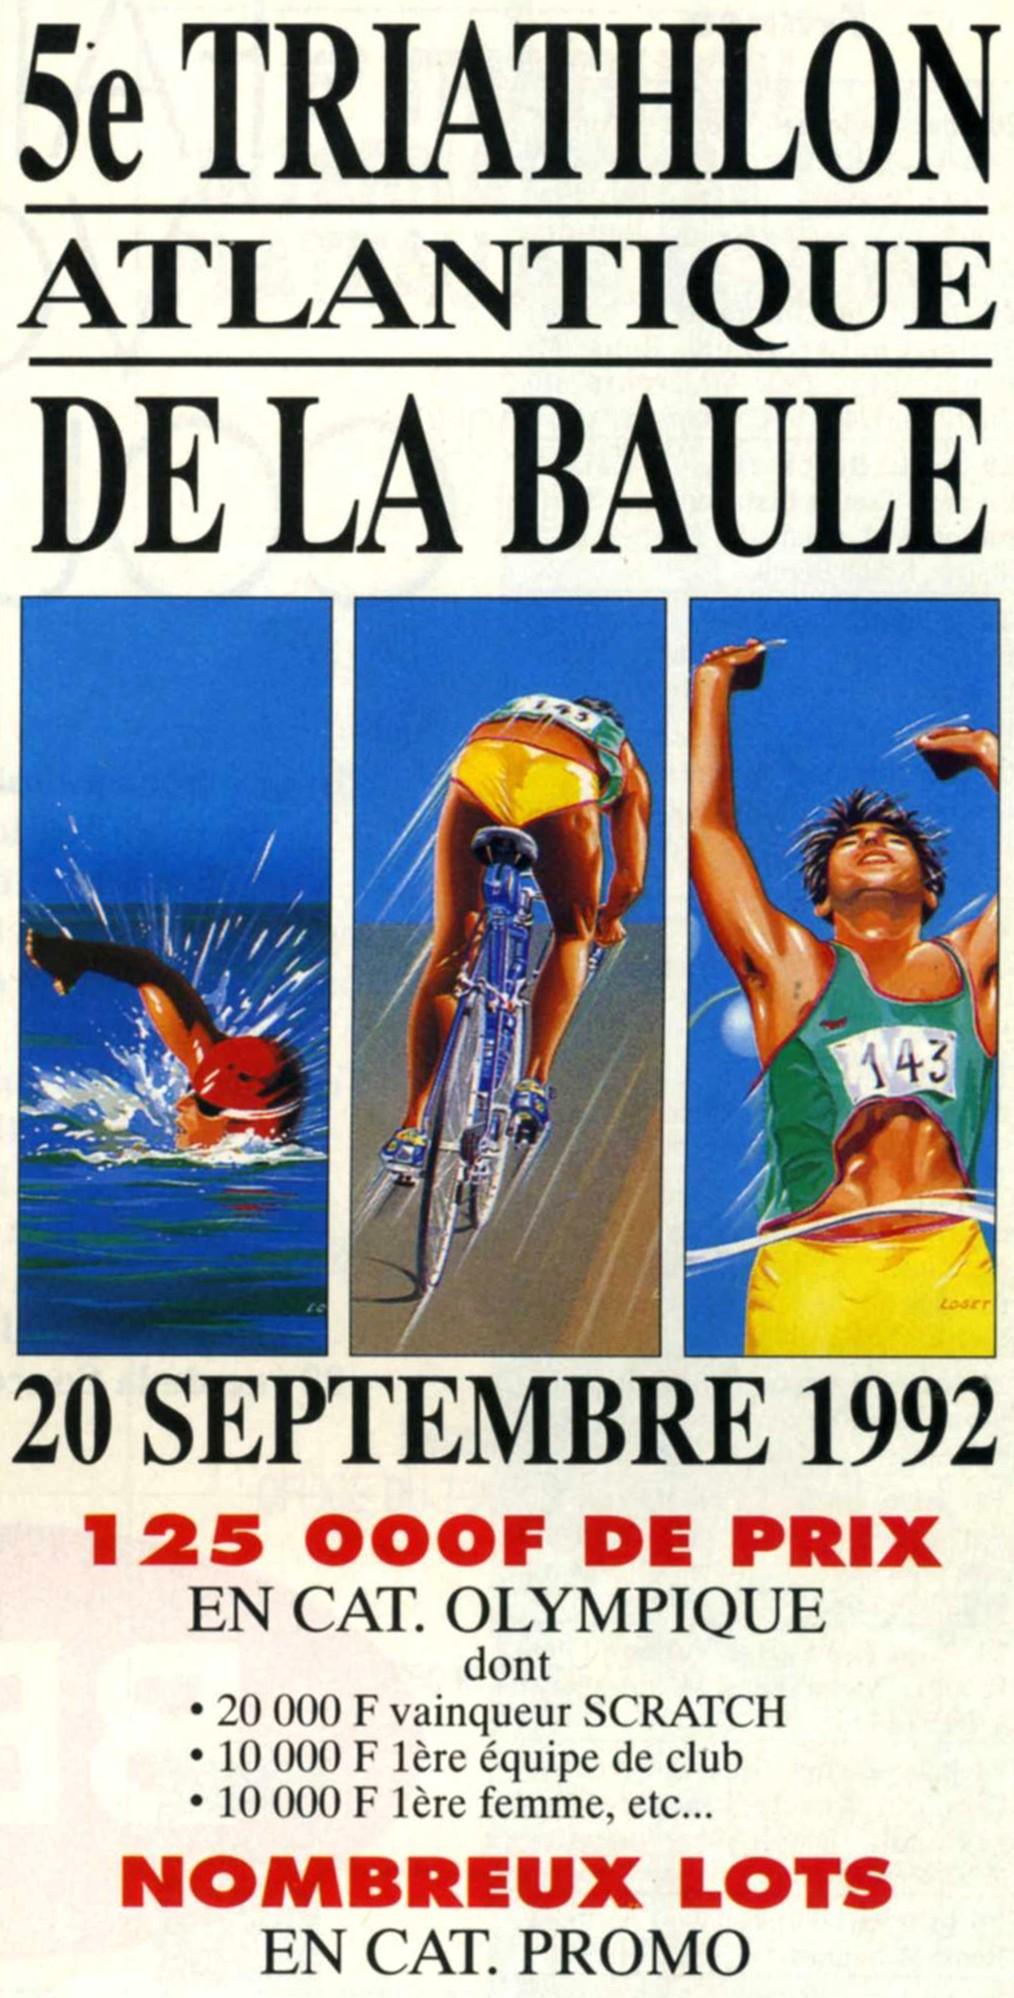 img[A]244_20-septembre-1992_la-baule_pub2